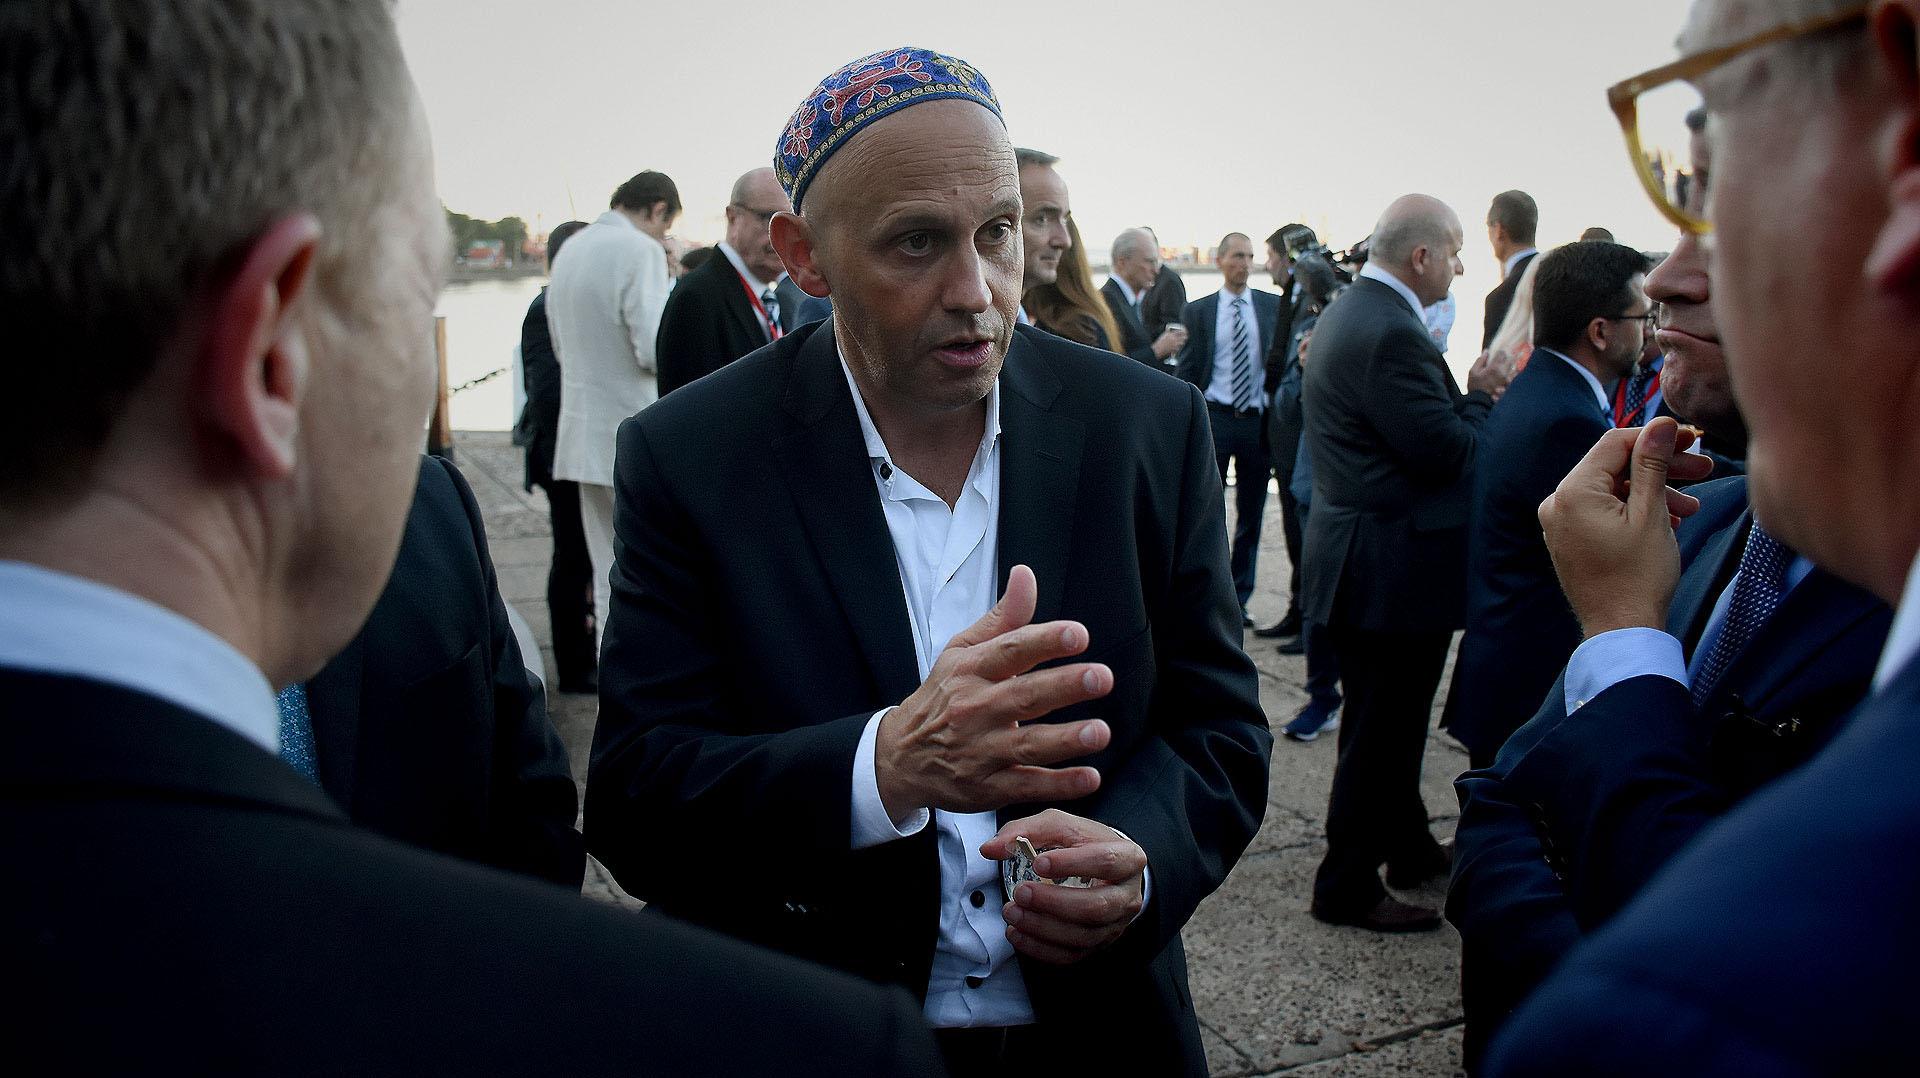 El secretario de gobierno de ambiente y desarrollo sustentable, Sergio Bergman, como parte de los invitados a la recepción